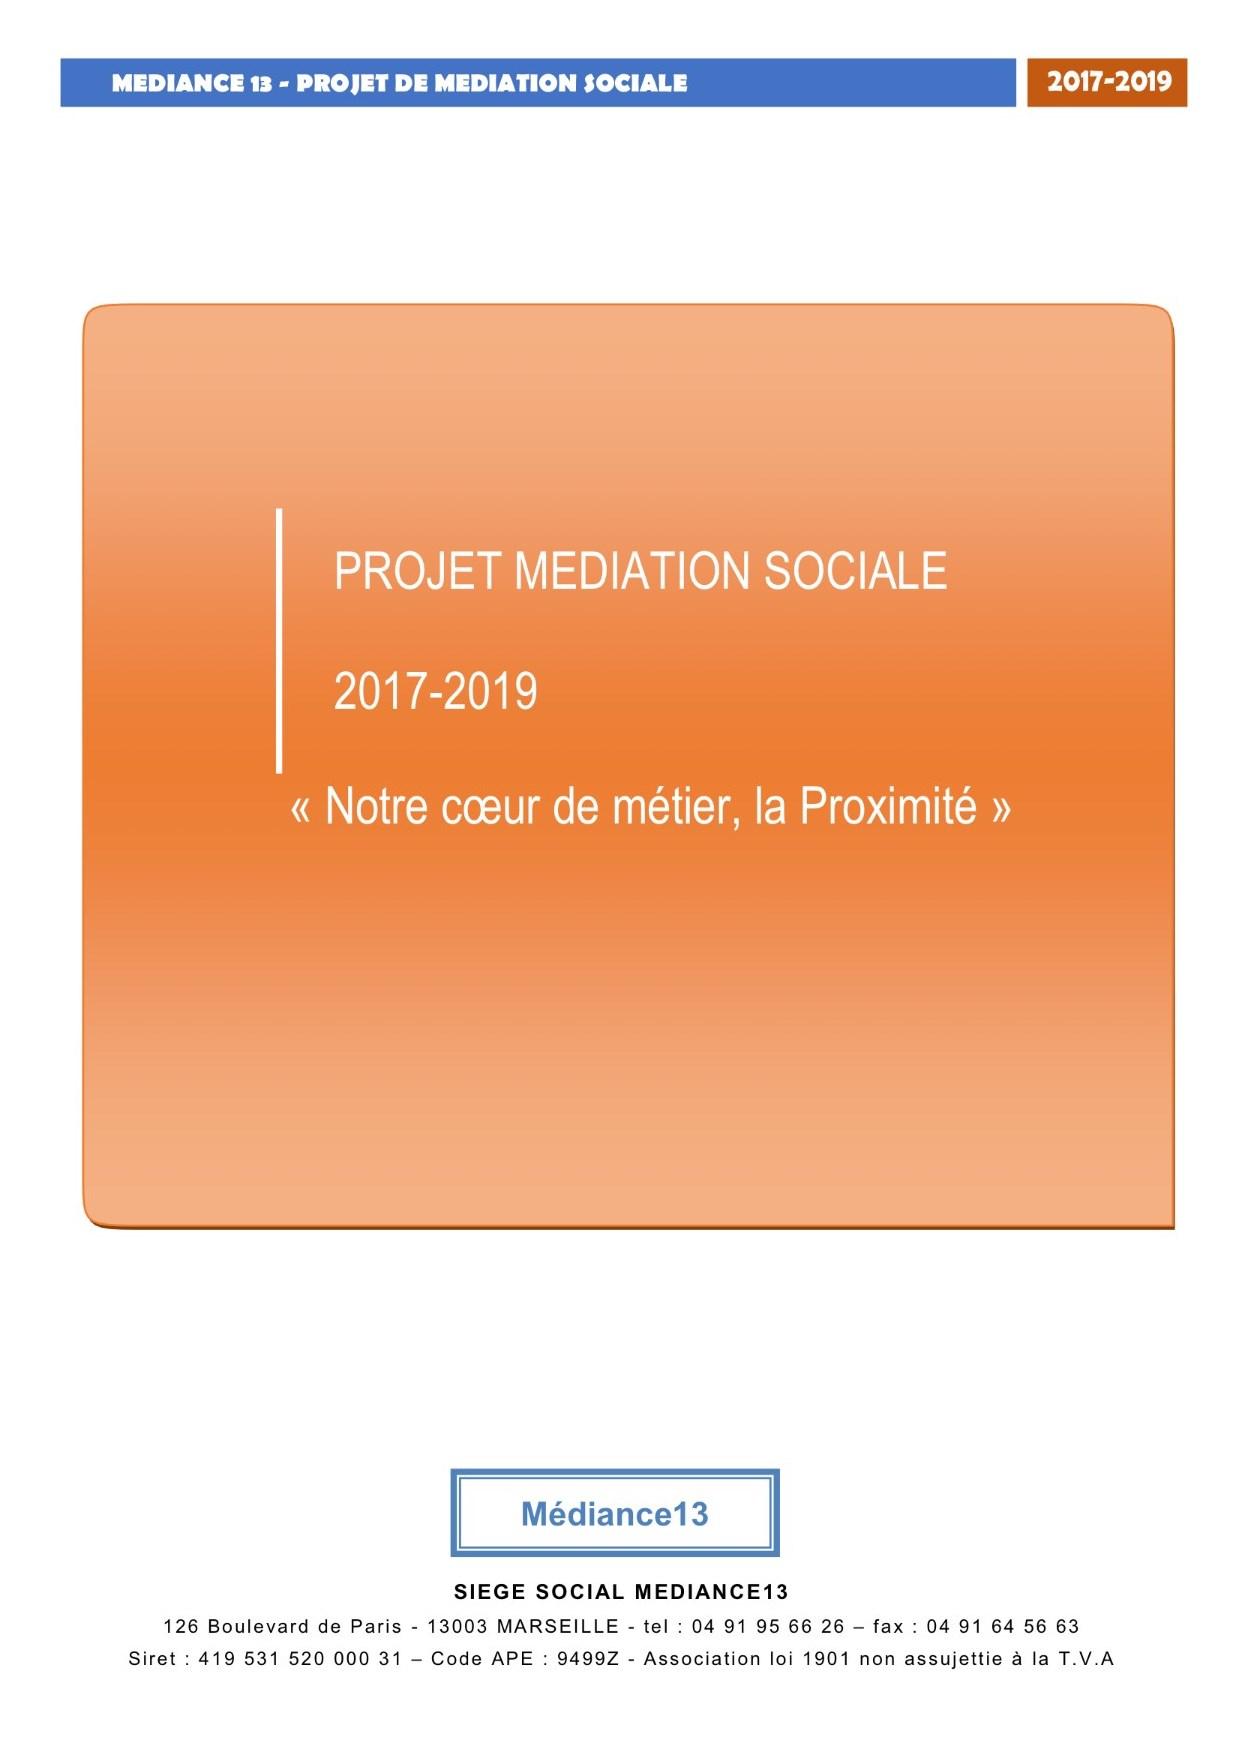 Projet de médiation sociale